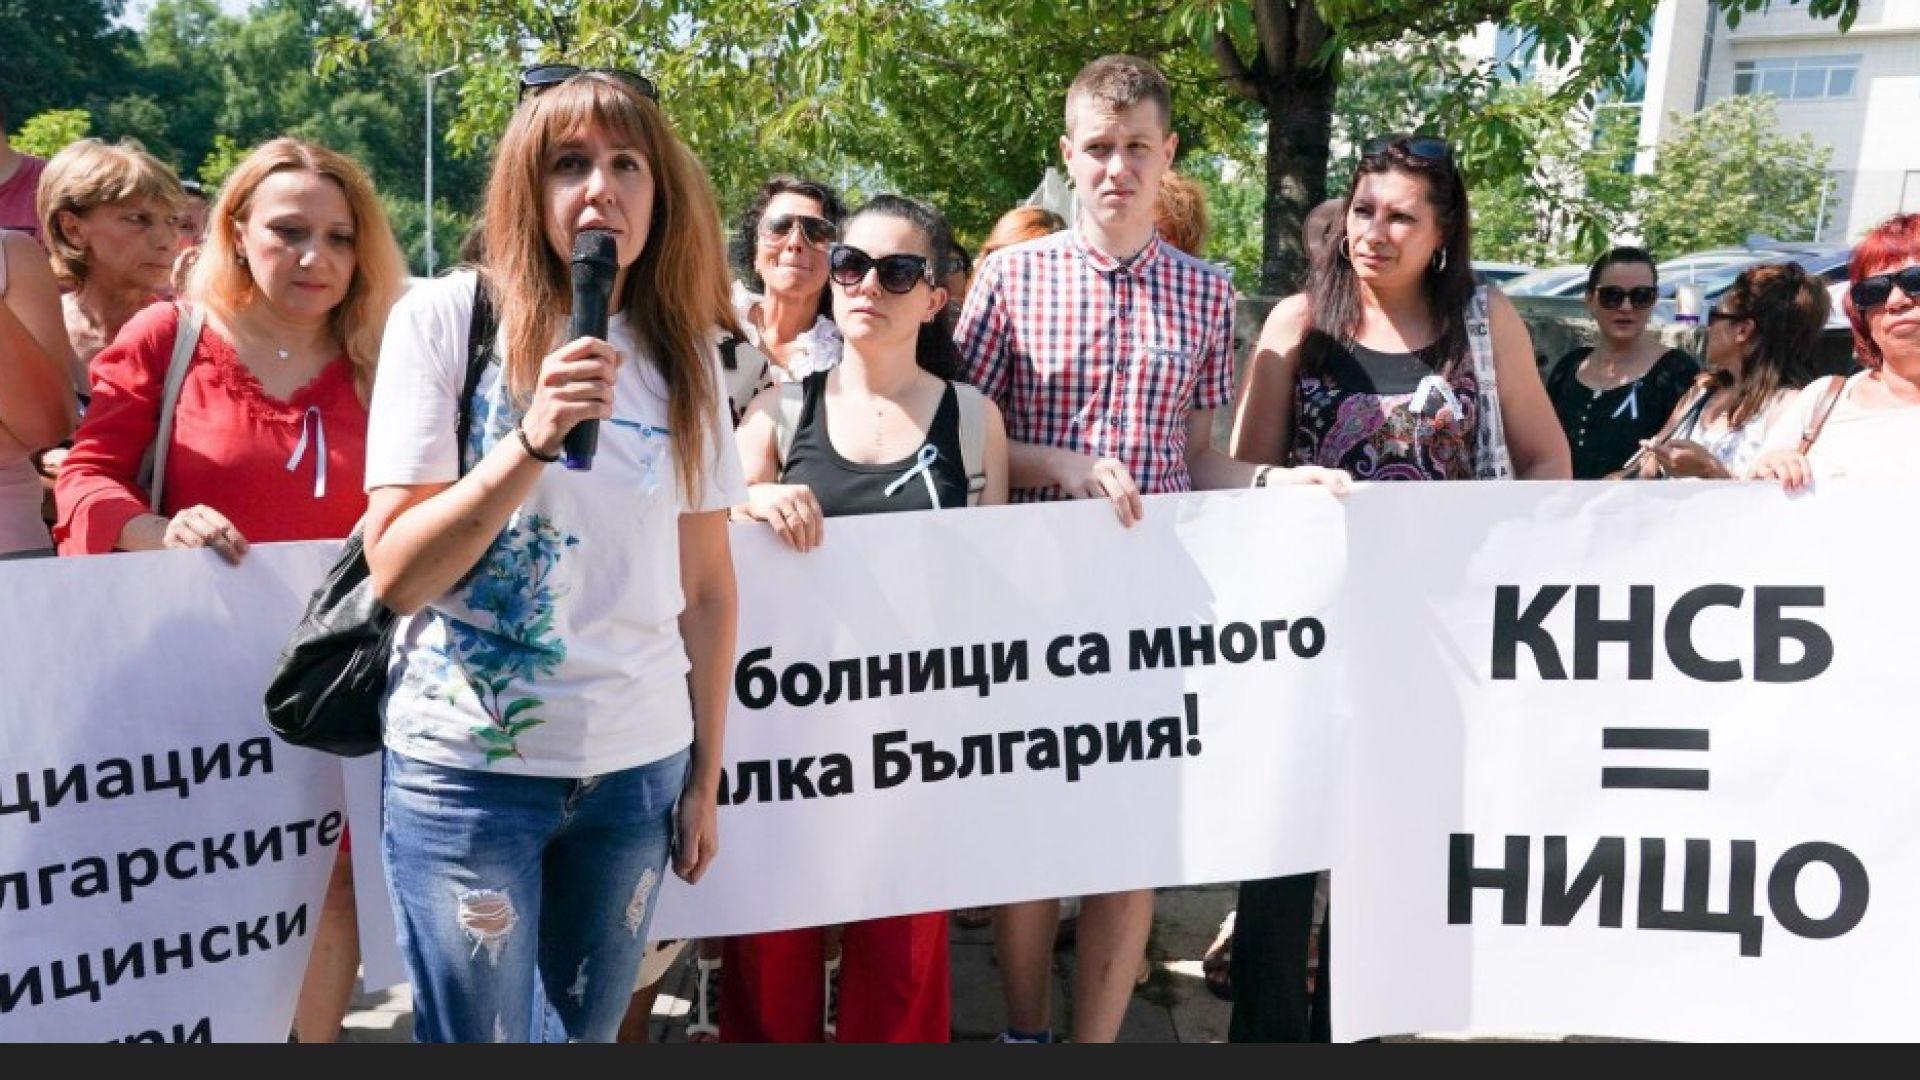 """Уволнената медицинска сестра скара """"Подкрепа"""" и КНСБ"""